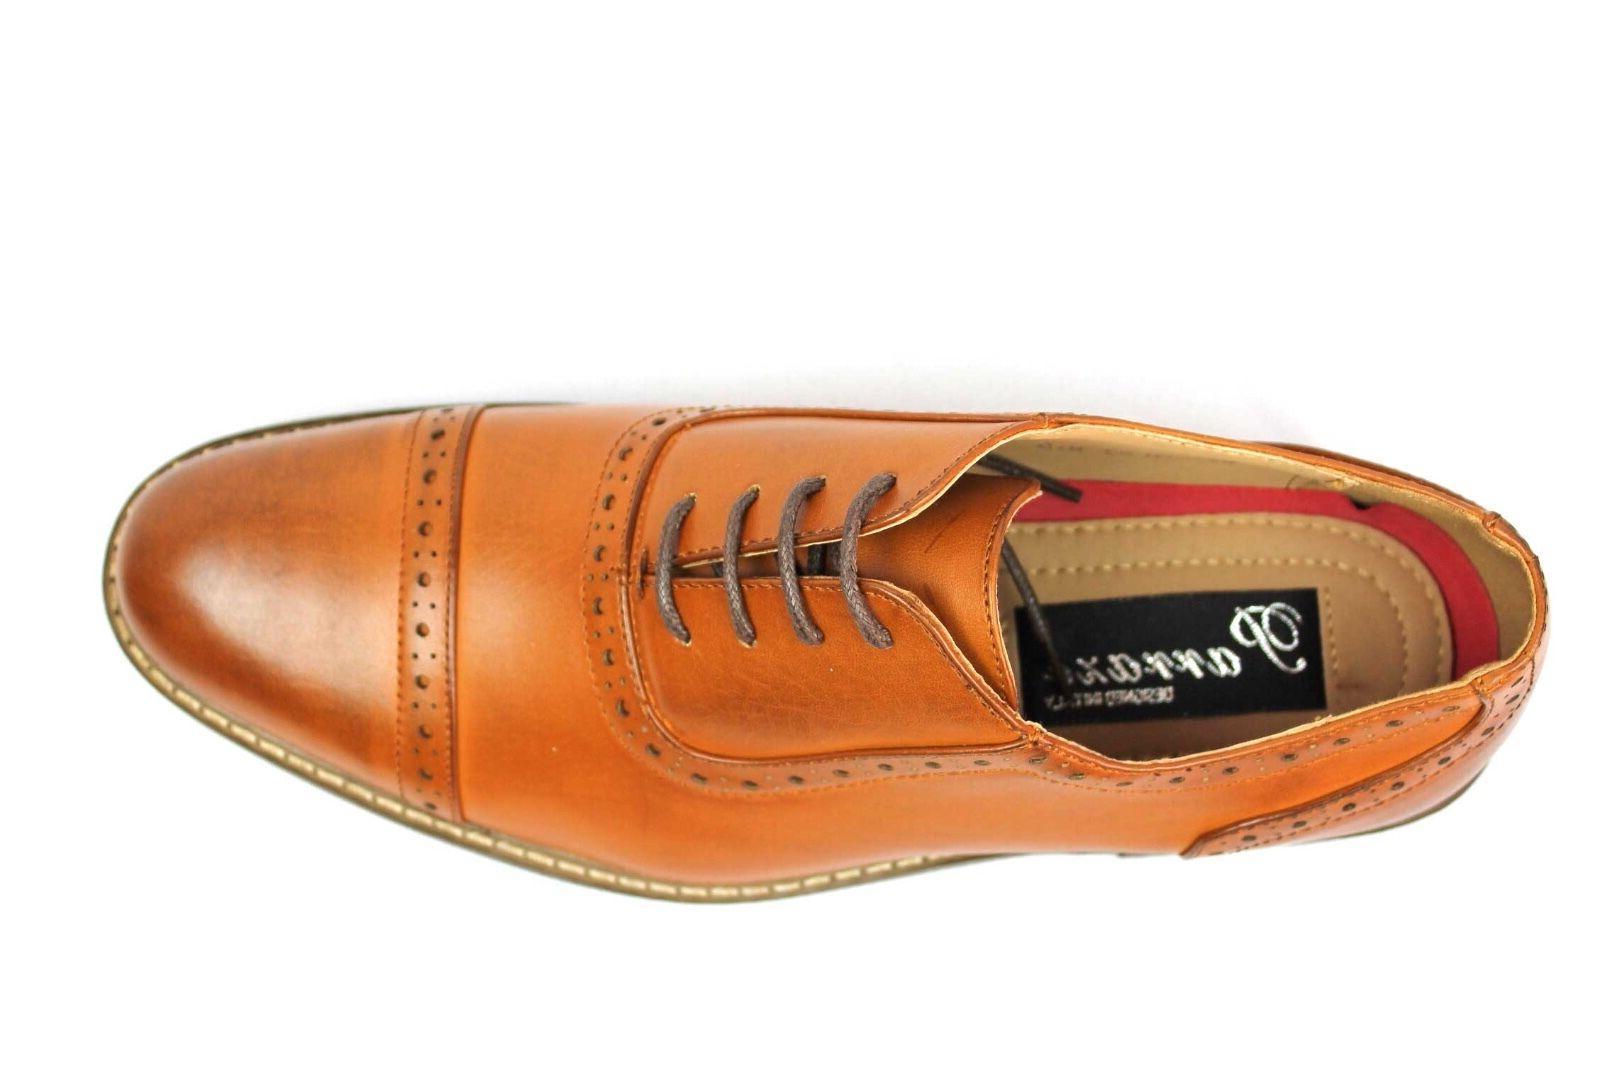 New Men's Brown Dress Shoes Lace Up Parrazo